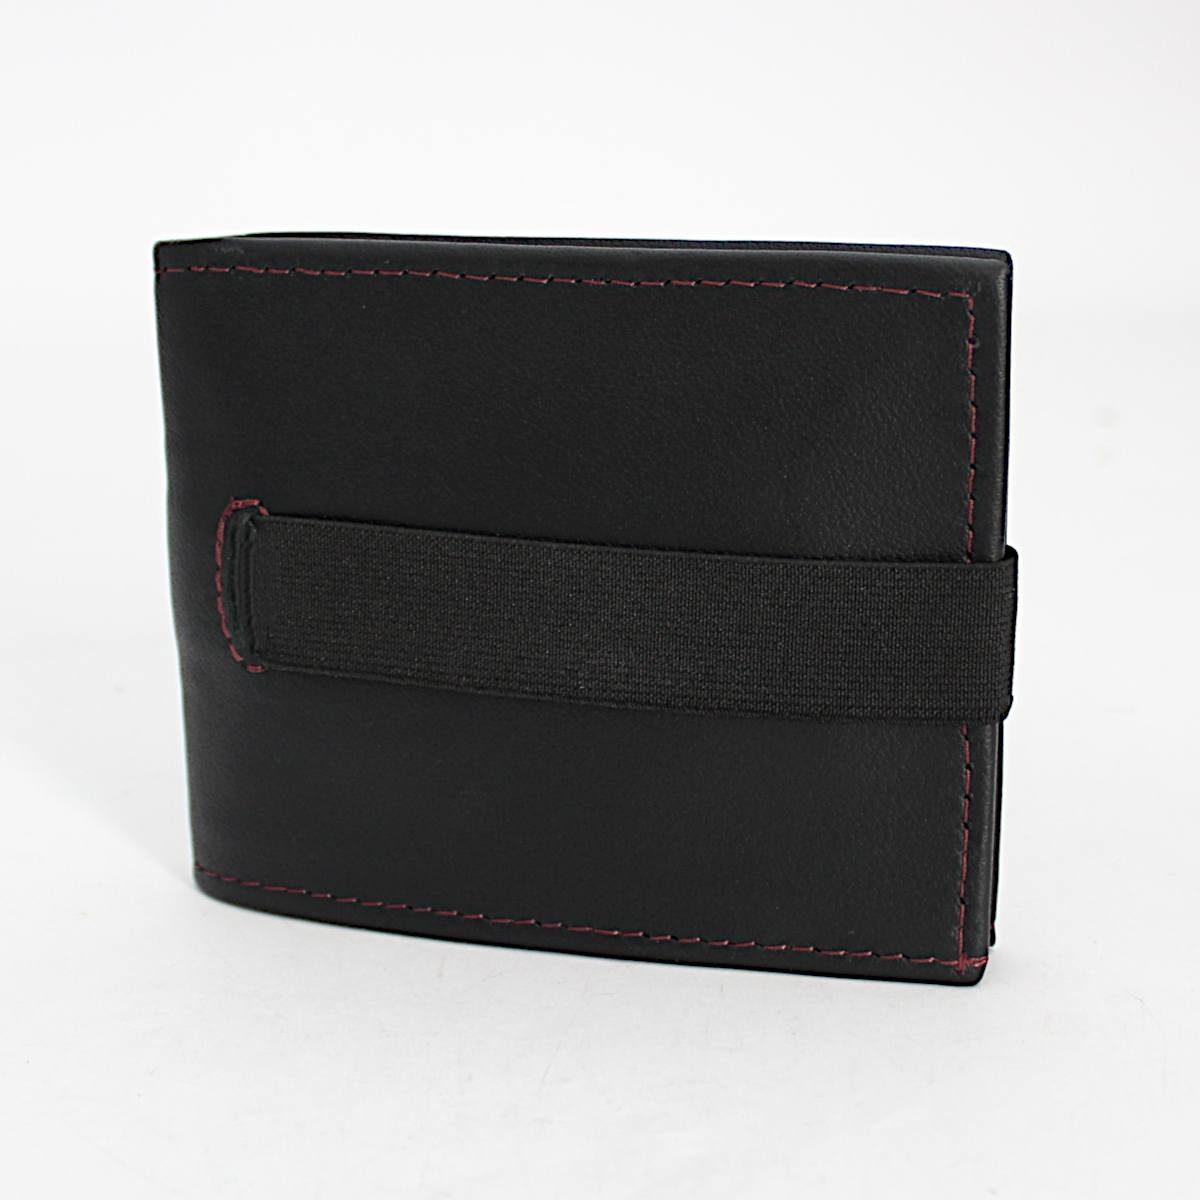 ръчно изработен черен мъжки портфейл-картодържач